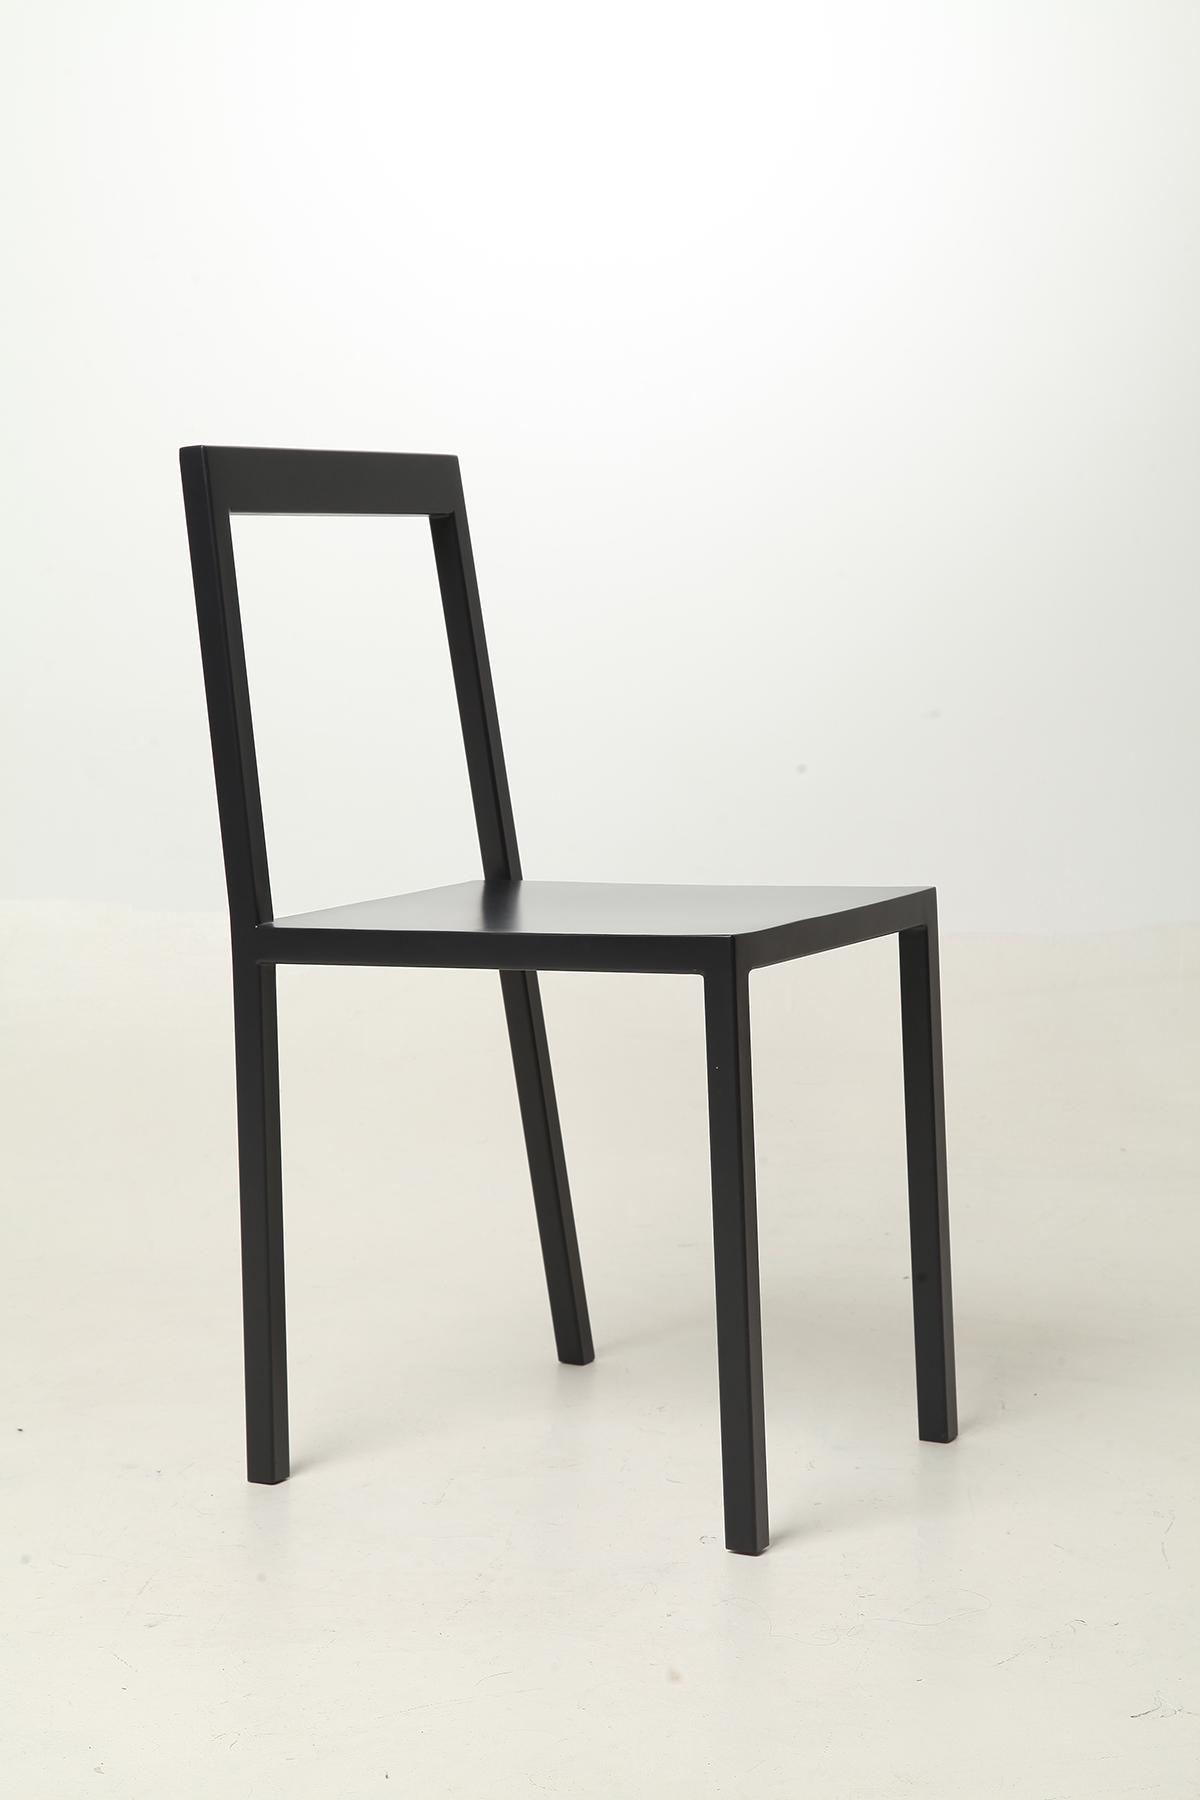 Chair 3/4. image courtesy from Sandro Lominashvil